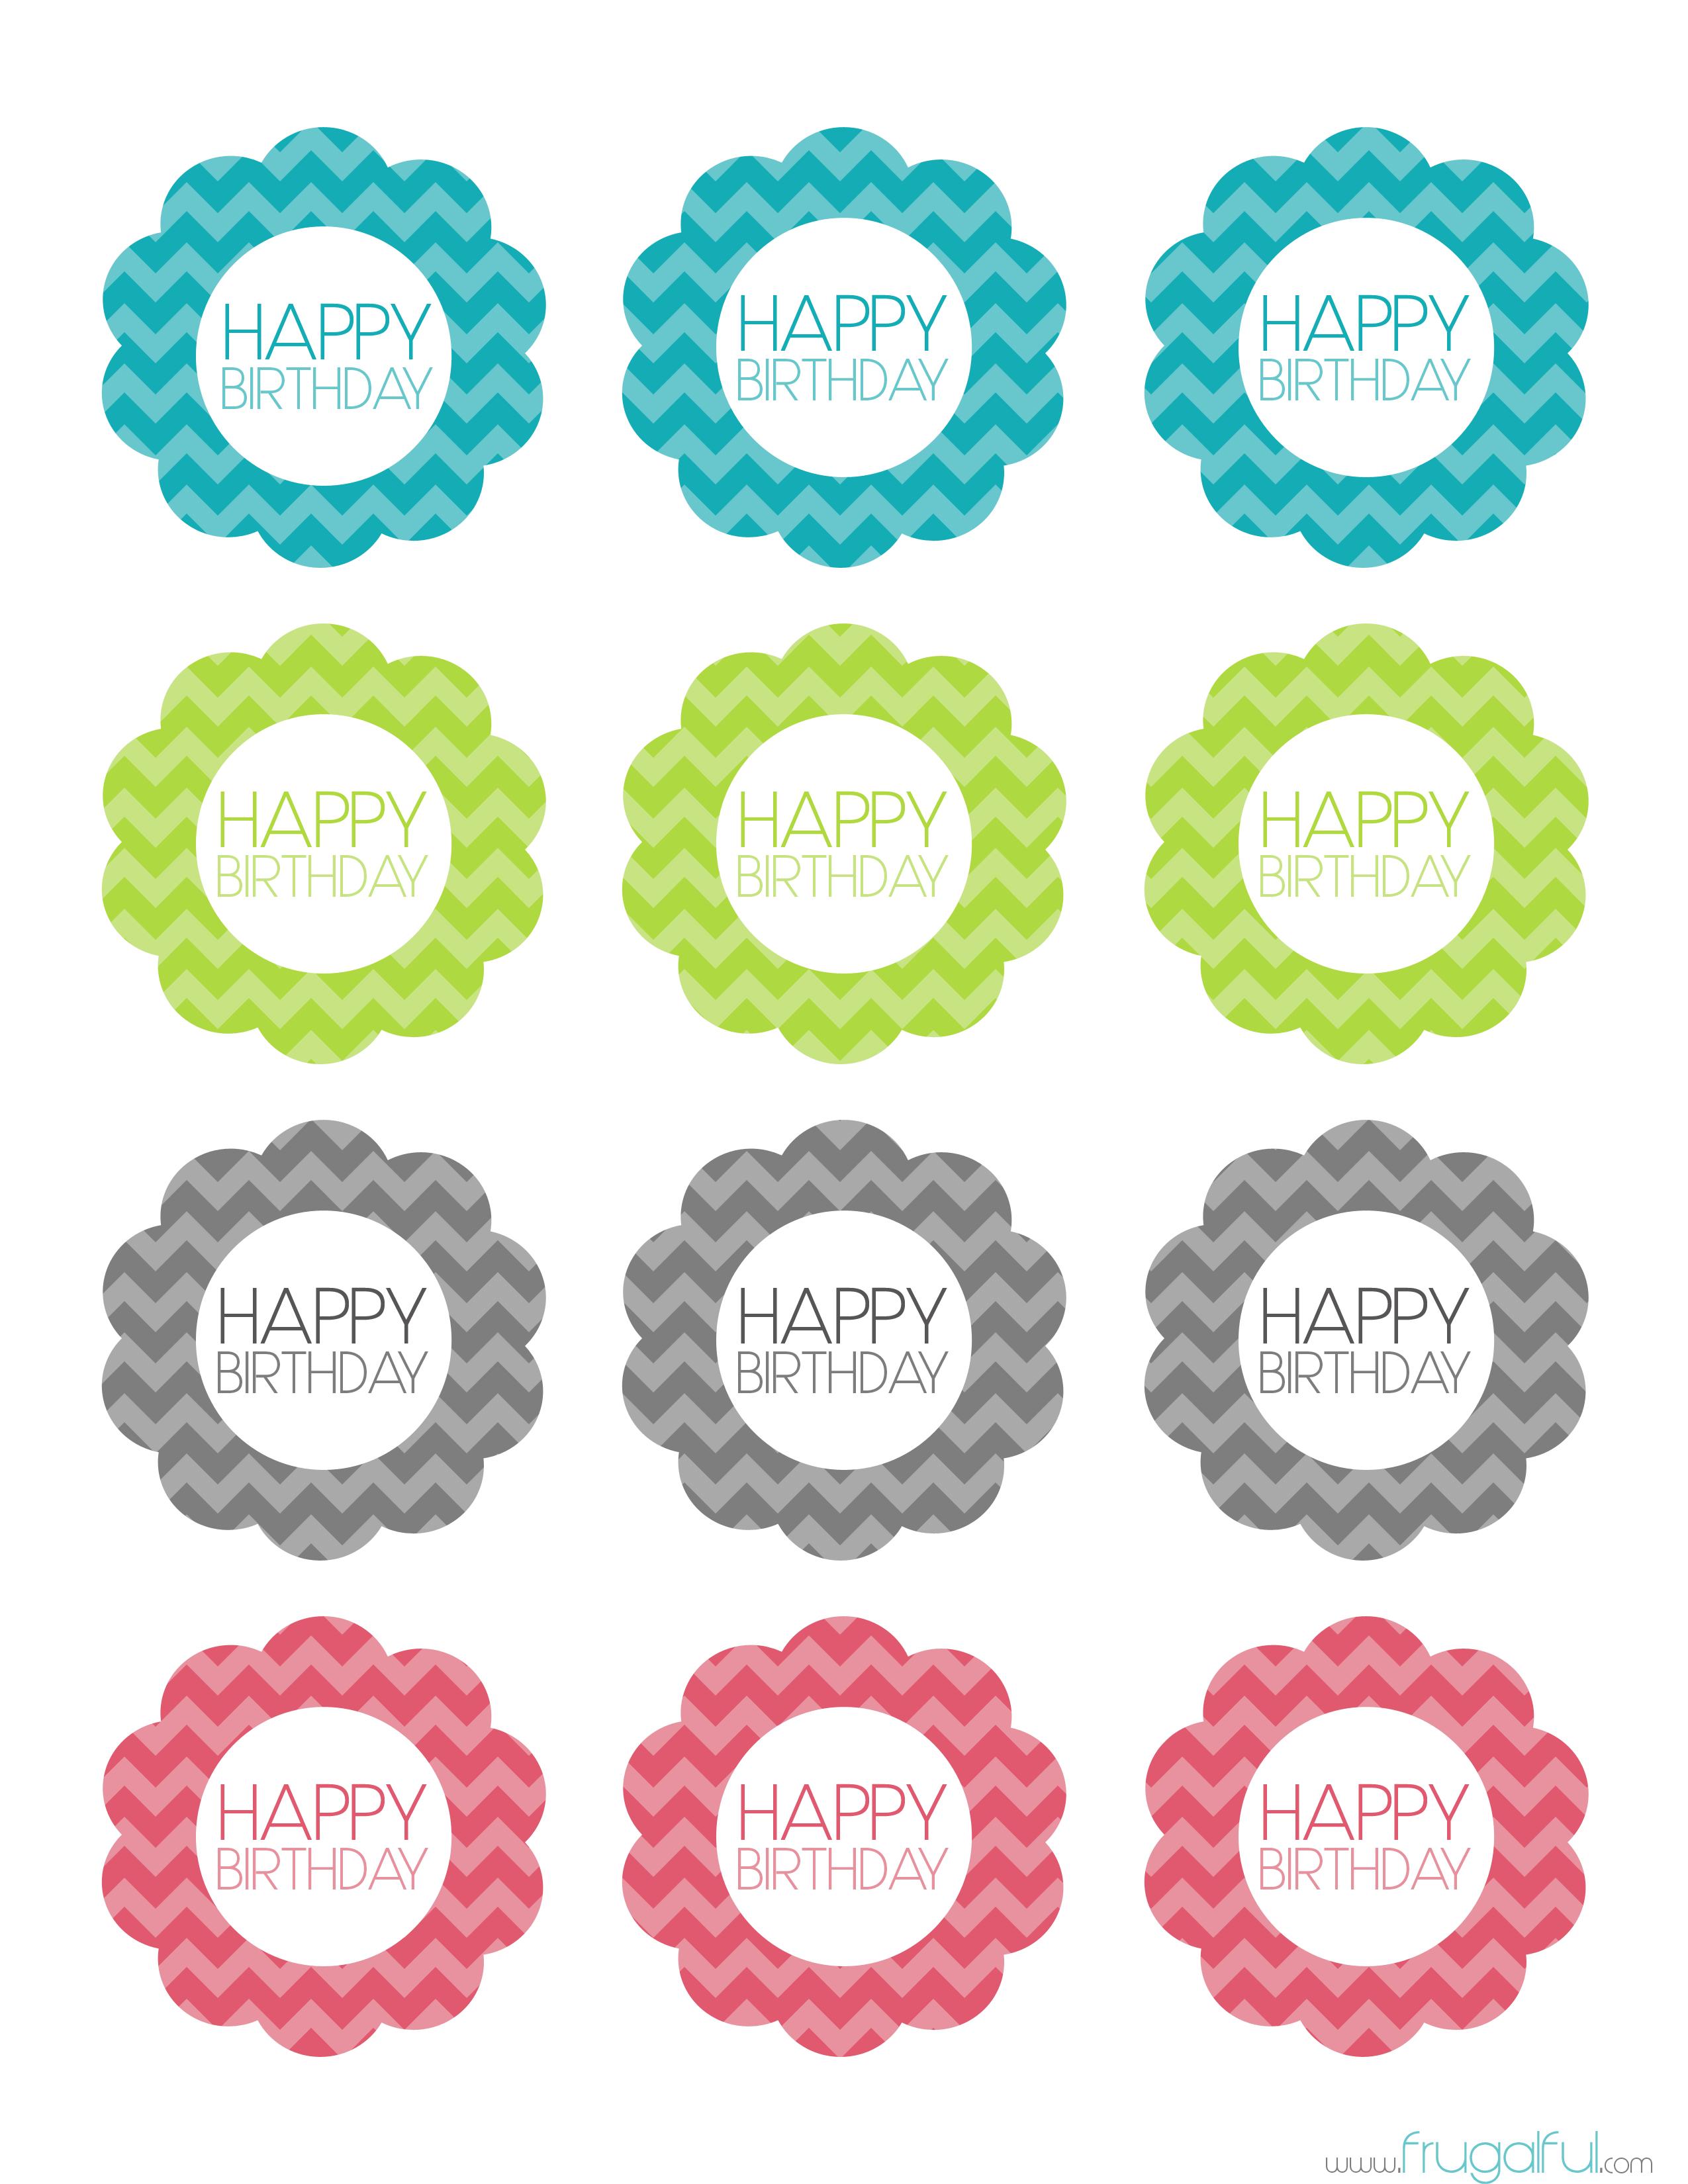 Free Printable Chevron Birthday Cupcake Topper Cakepins - Cupcake Topper Templates Free Printable